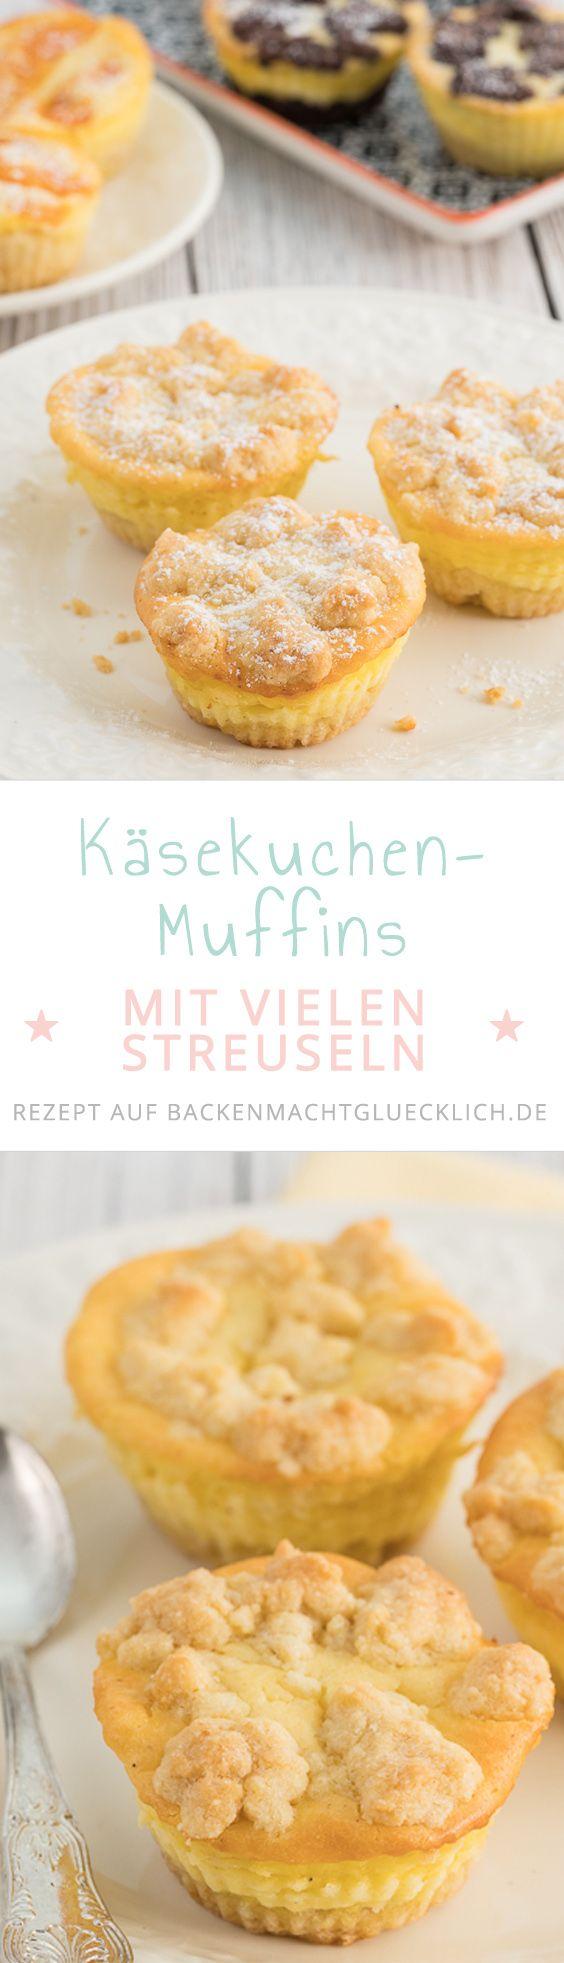 Käsekuchen muffins ile ilgili Pinterest\'teki en iyi 25\'den fazla ...